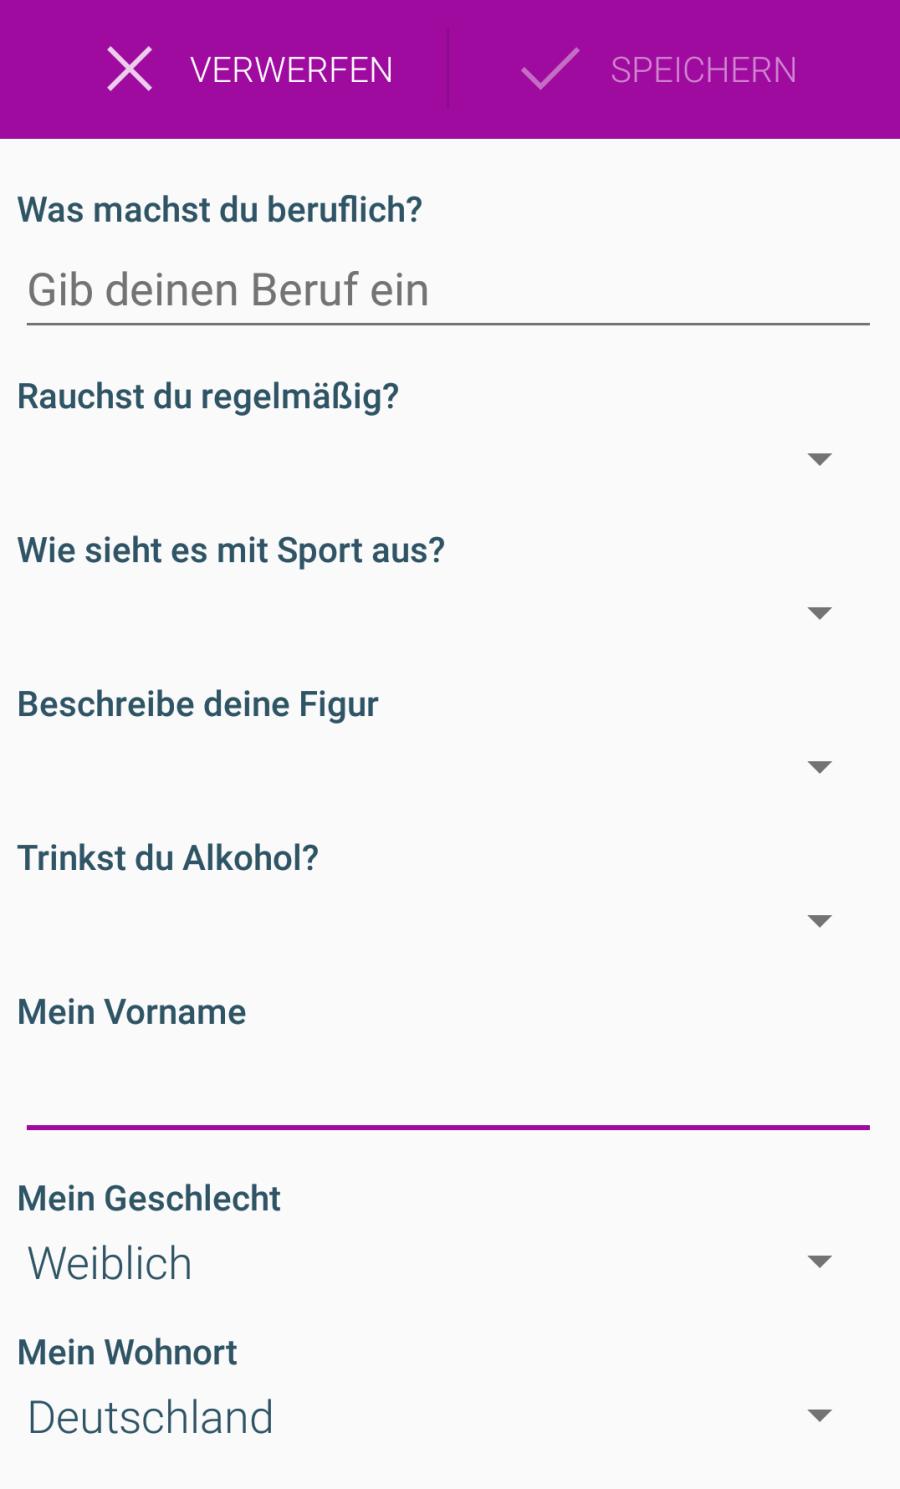 Whispar Profilfragen